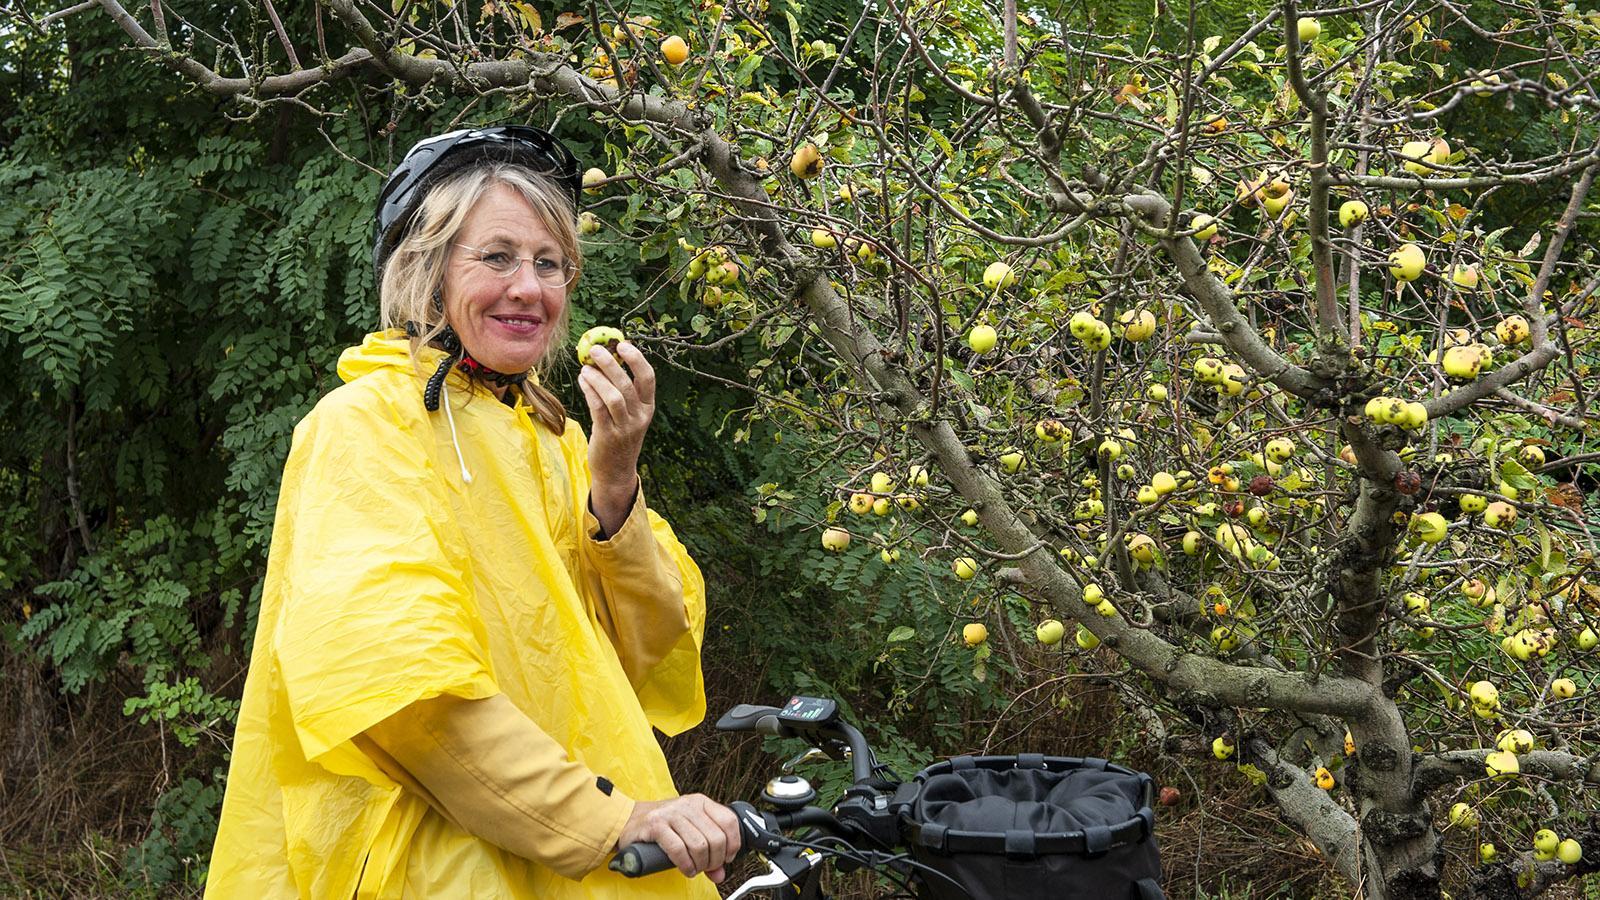 ViaRhôna: Klein, knackig und köstlich: die wilden Äpfel der Île Blaud. Foto: Hilke Maunder